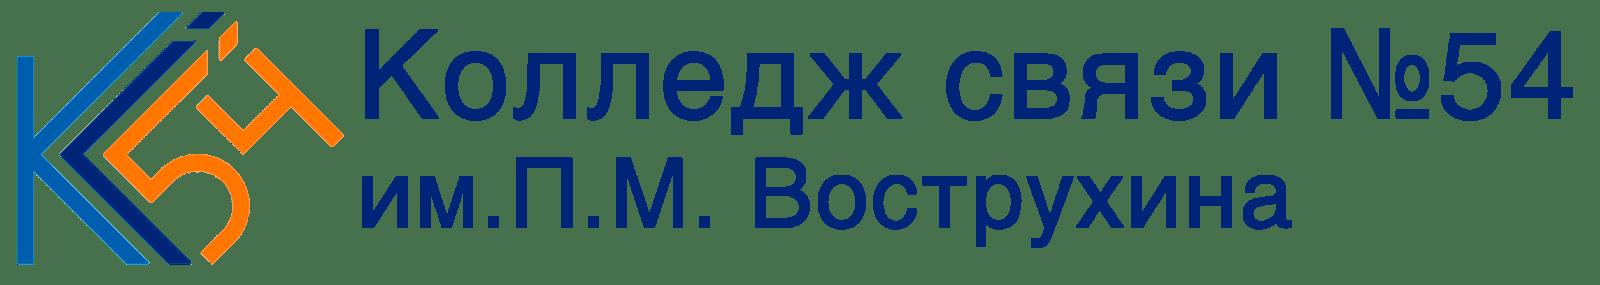 Колледж связи №54 им. П. М. Вострухина